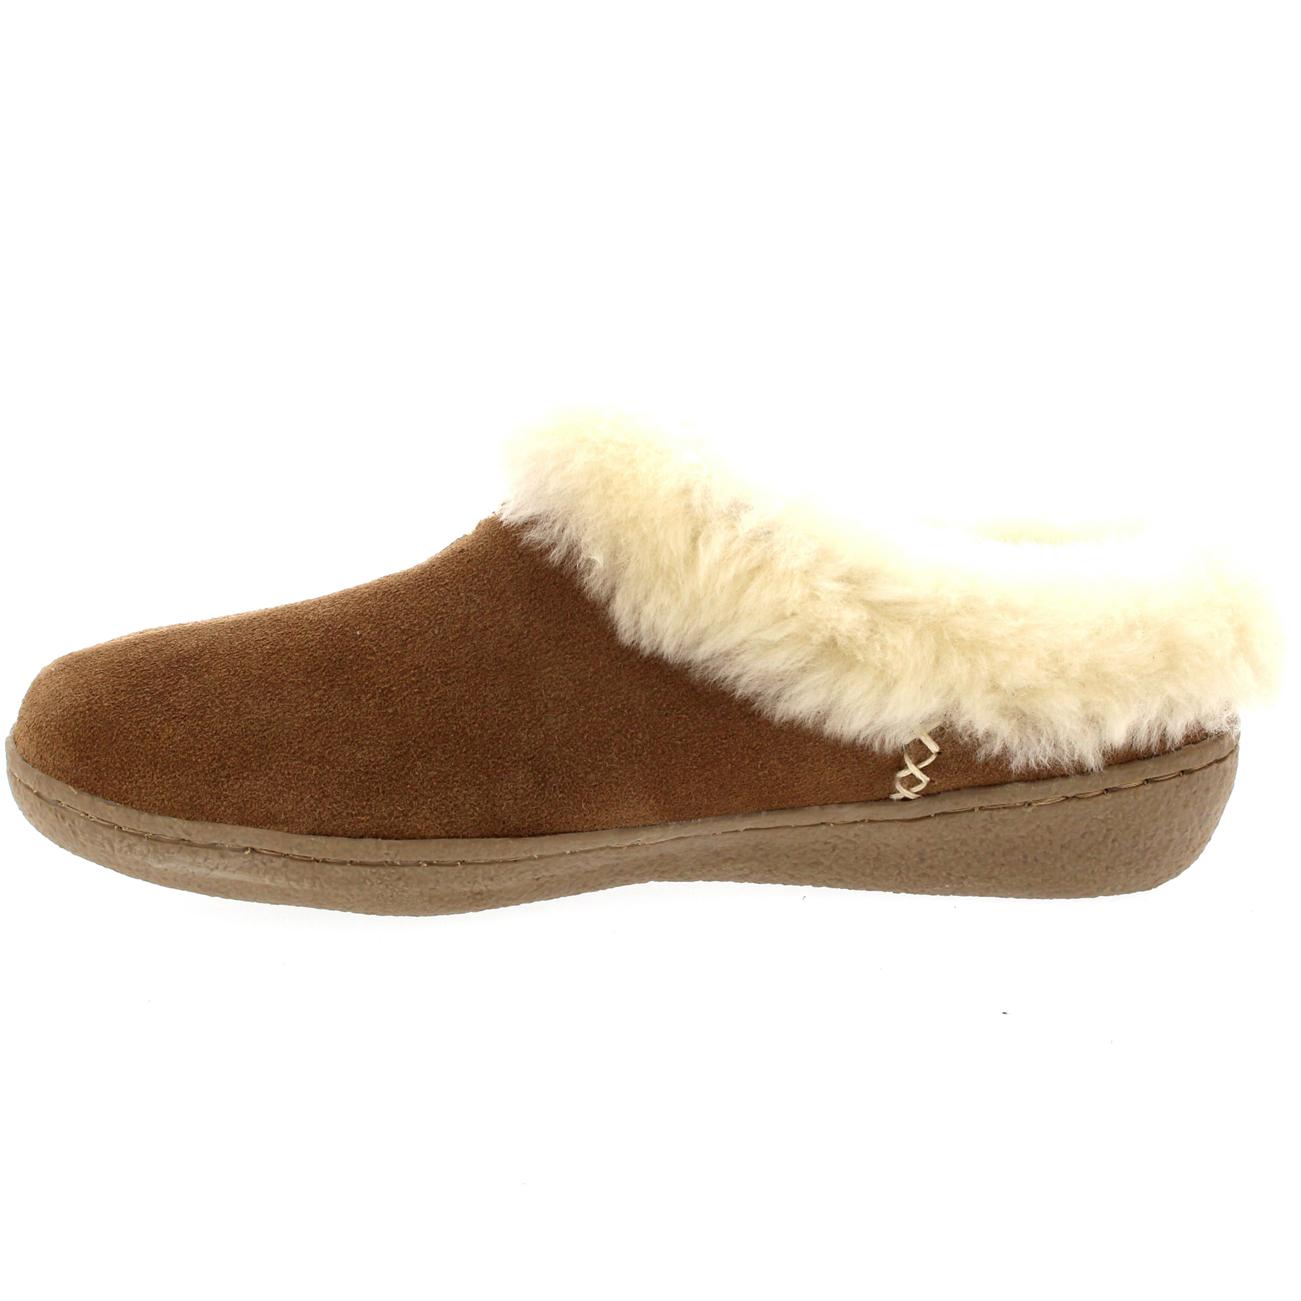 Womens Genuine Suede Australian Sheepskin Fur Lined Warm Mules Slippers UK 3-10 | eBay